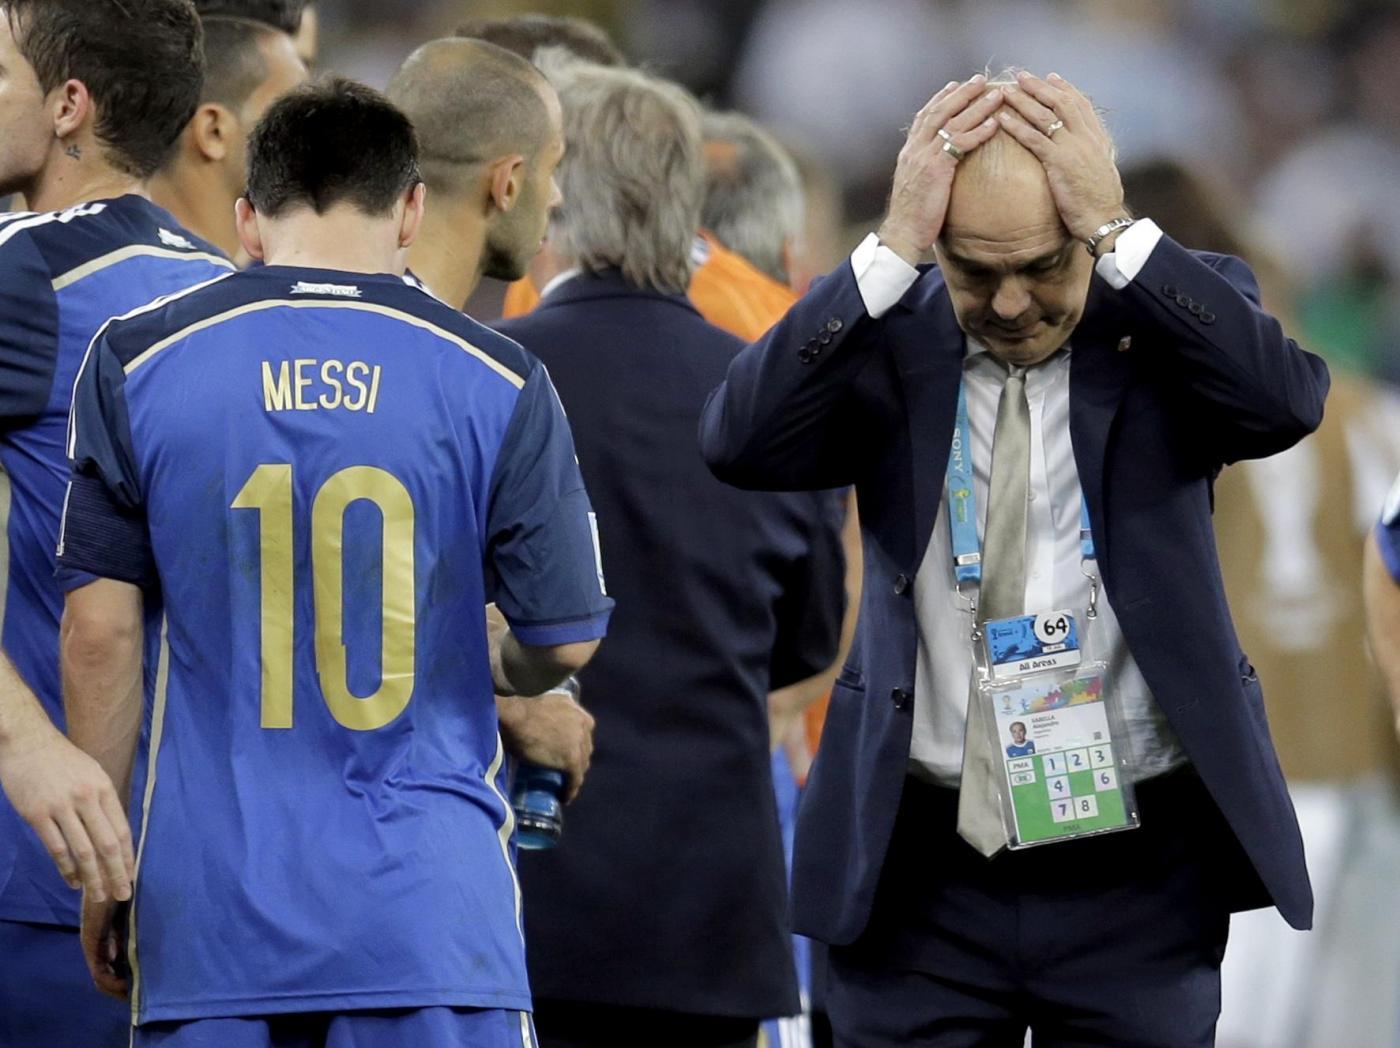 Mondiali 2014, i premi individuali: Messi, Pogba, Rodriguez e Neuer